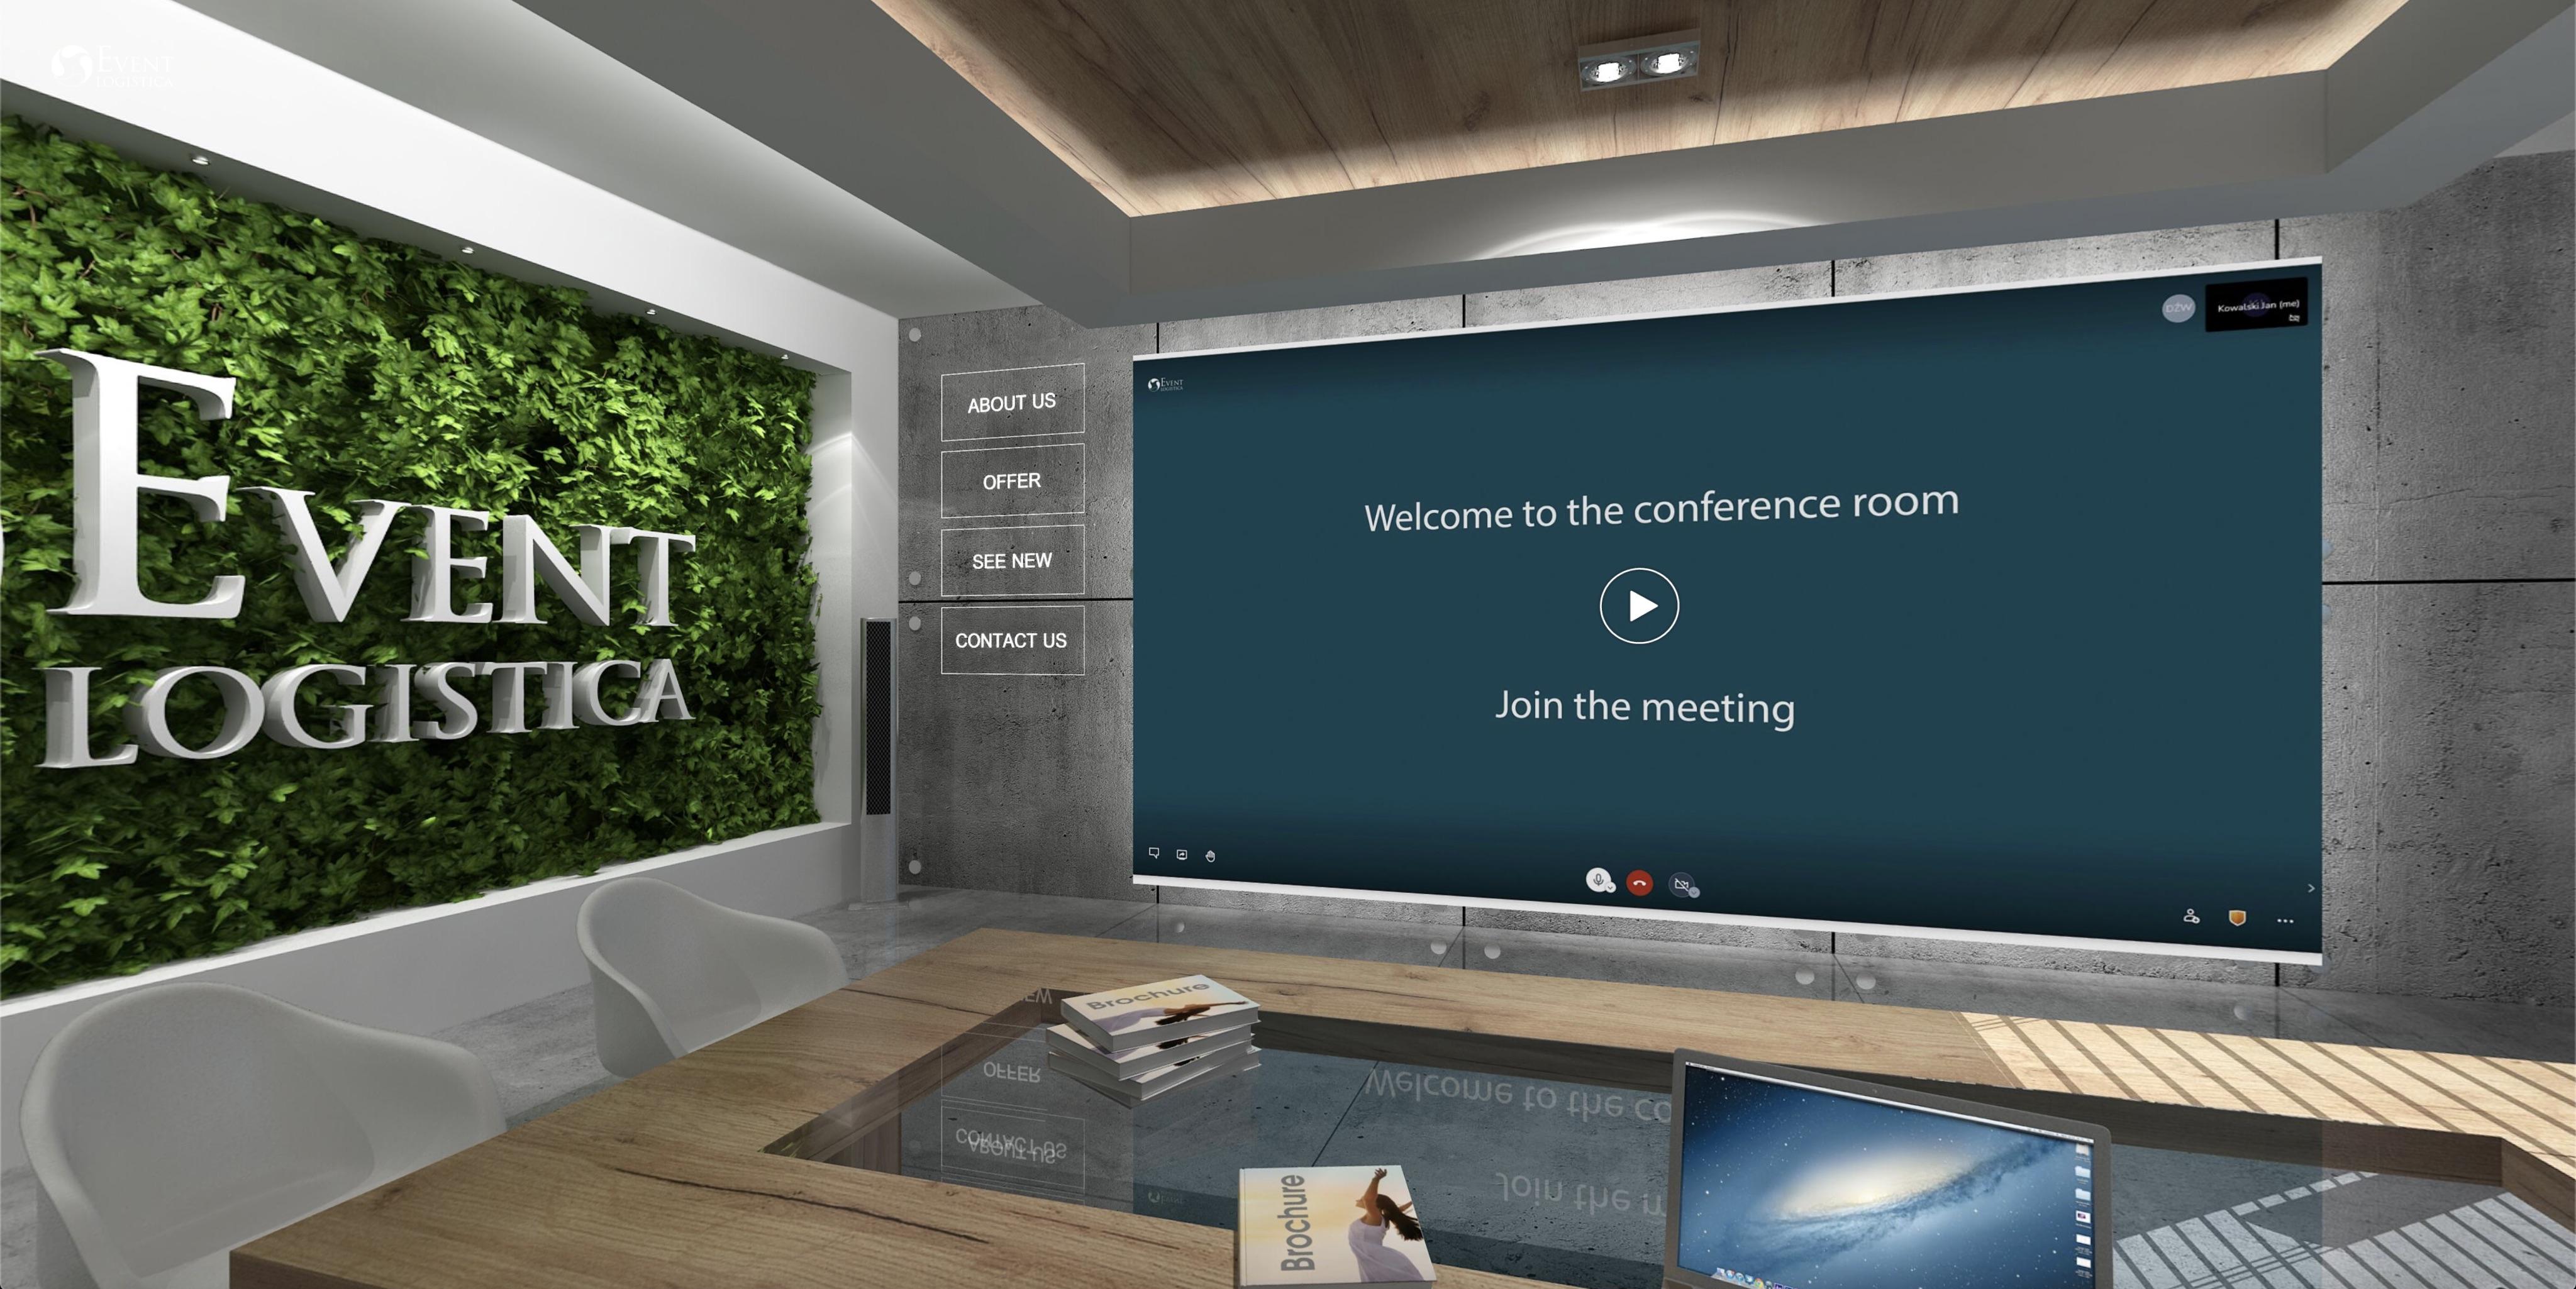 Pokój konferencyjny online